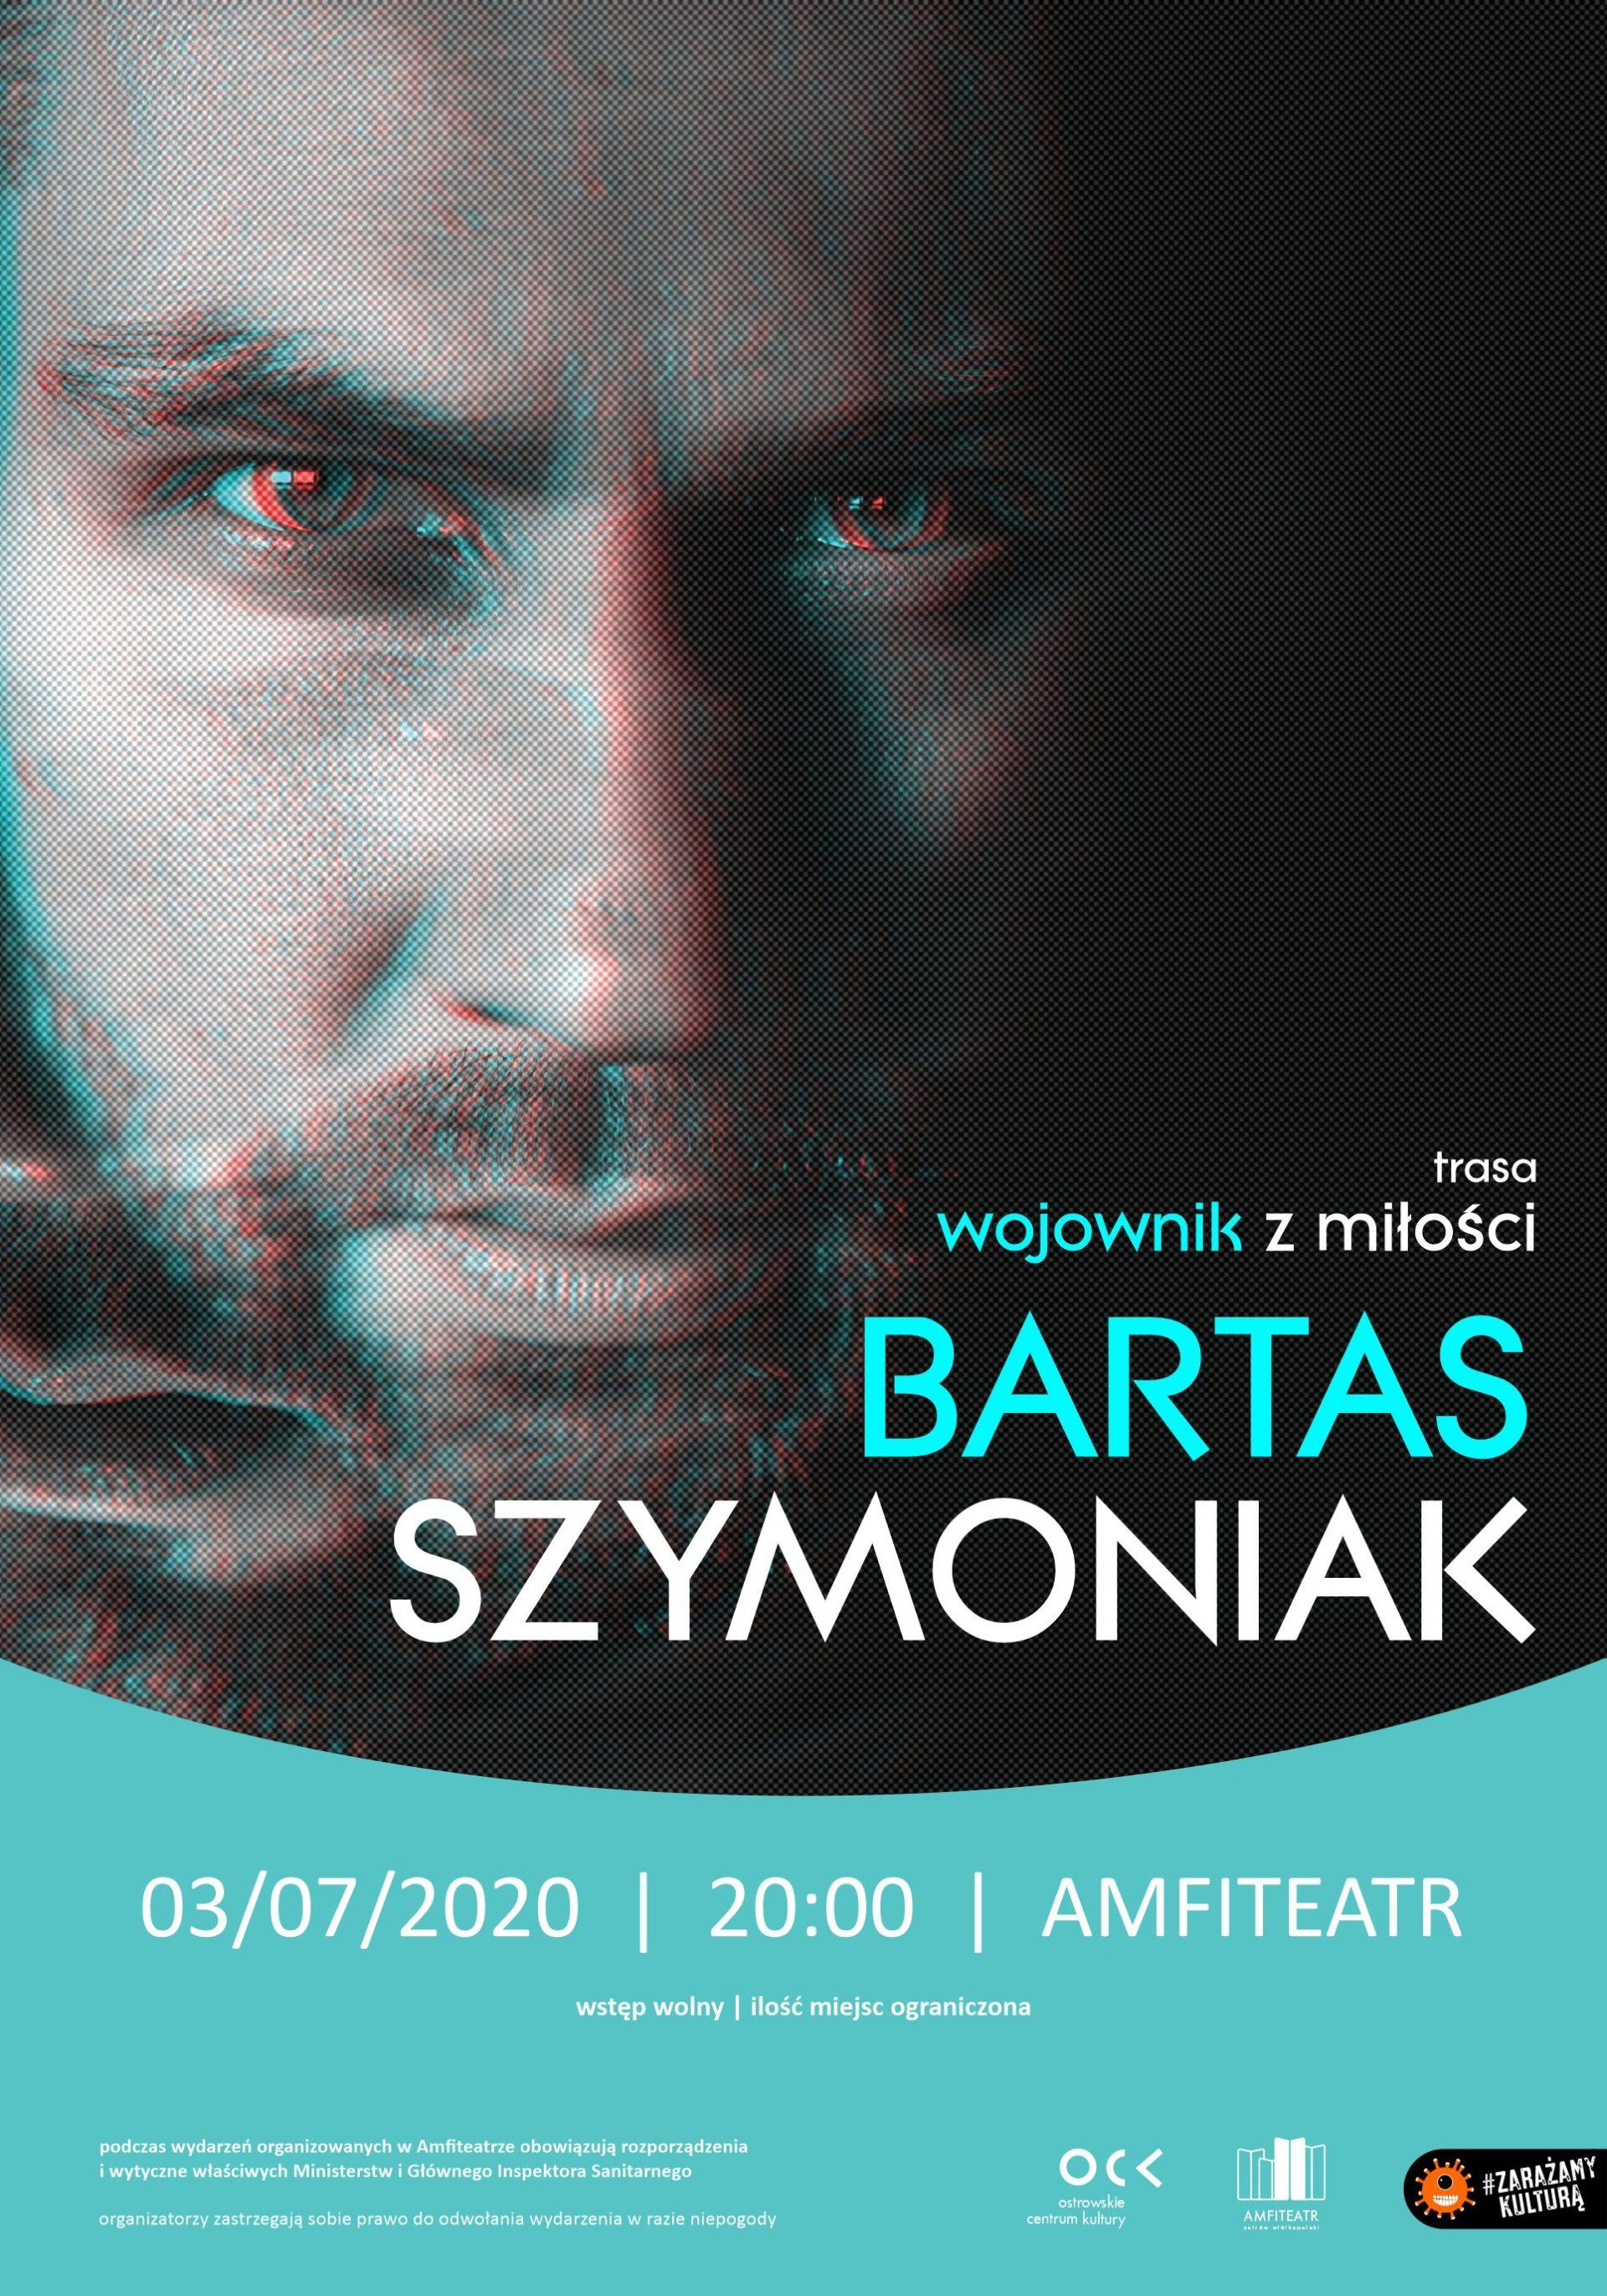 Bartas Szymoniak | Wojownik z miłości